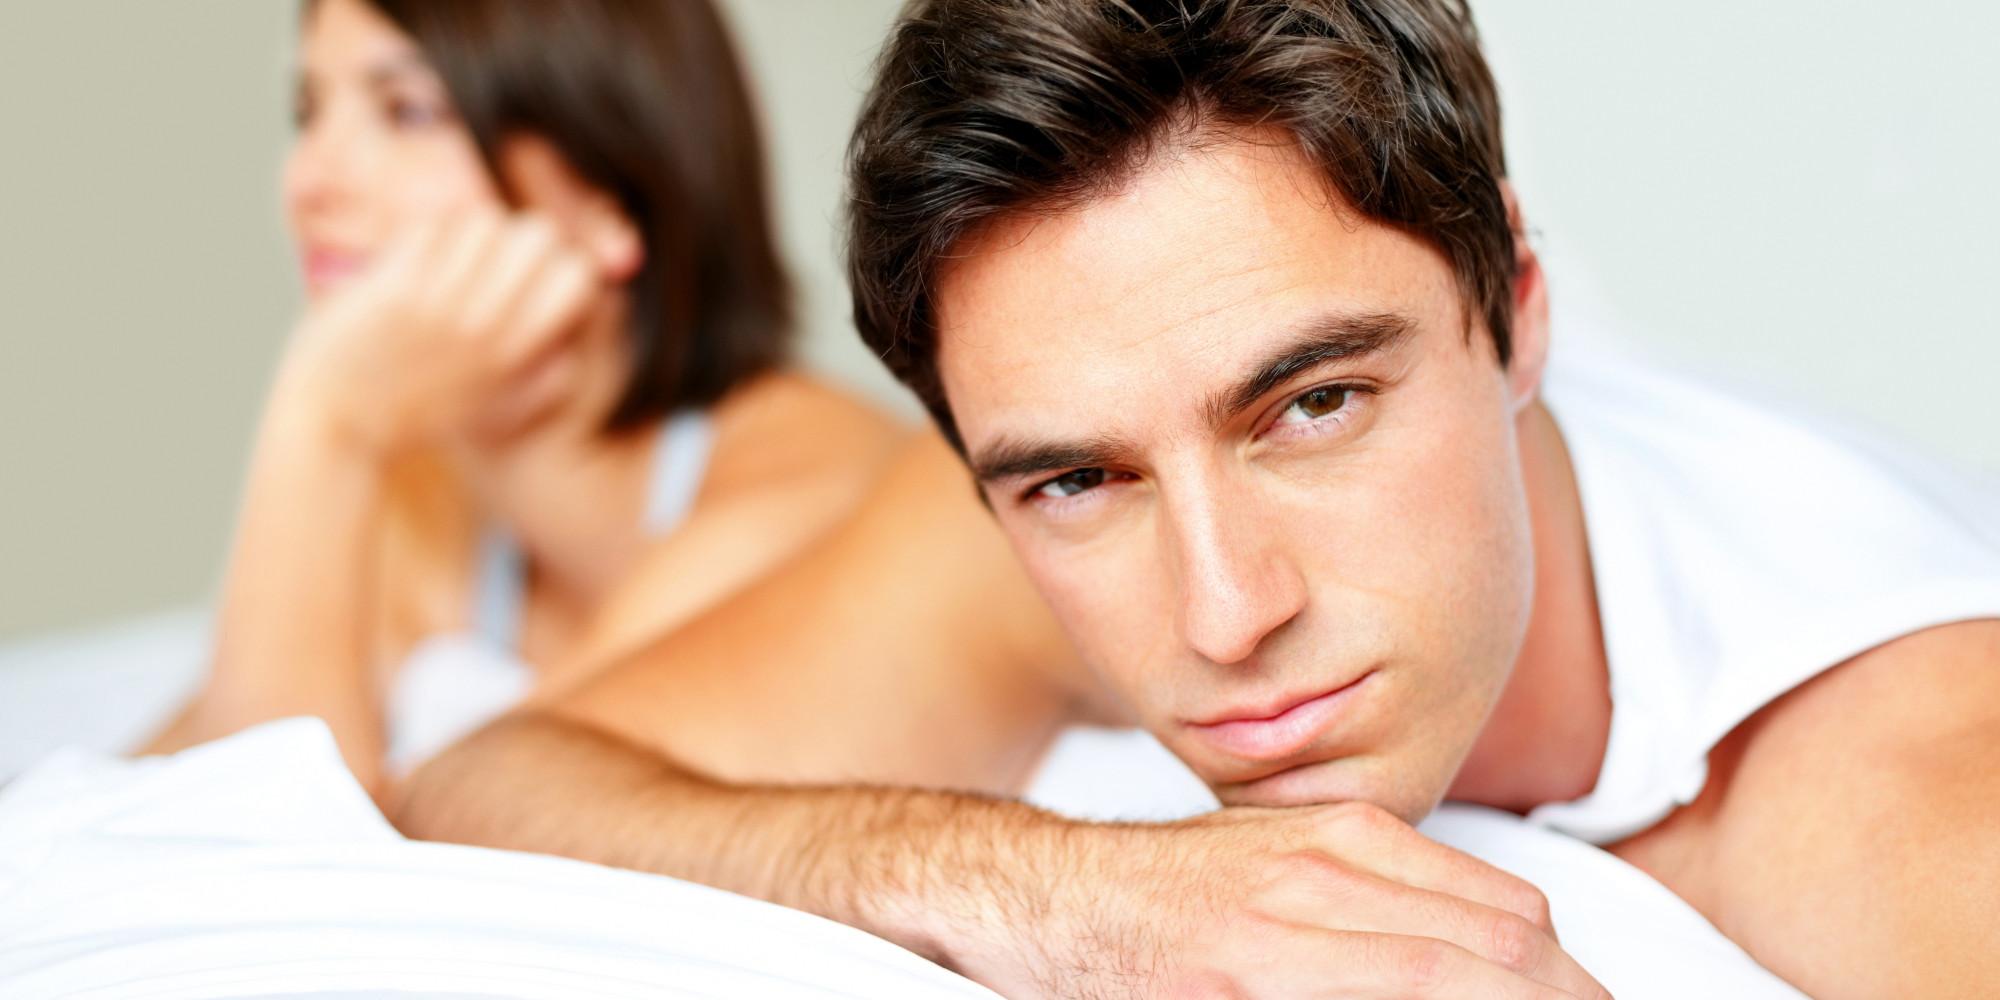 Почему мужчины боятся секса 4 фотография